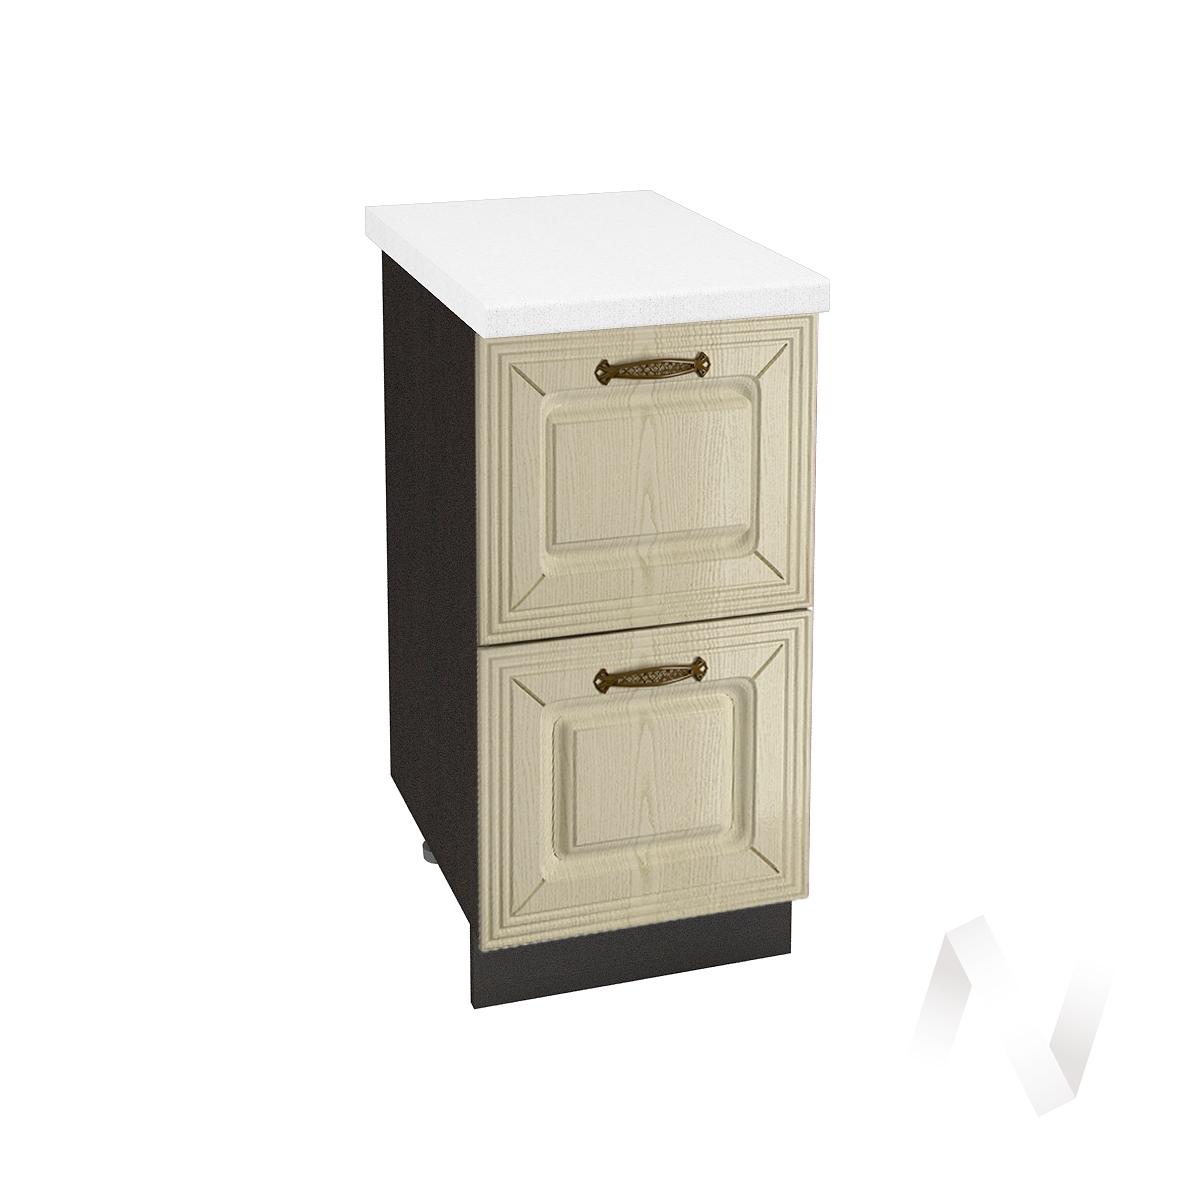 """Кухня """"Изабель"""": Шкаф нижний с 2-мя ящиками 400, ШН2Я 400 (корпус венге)"""